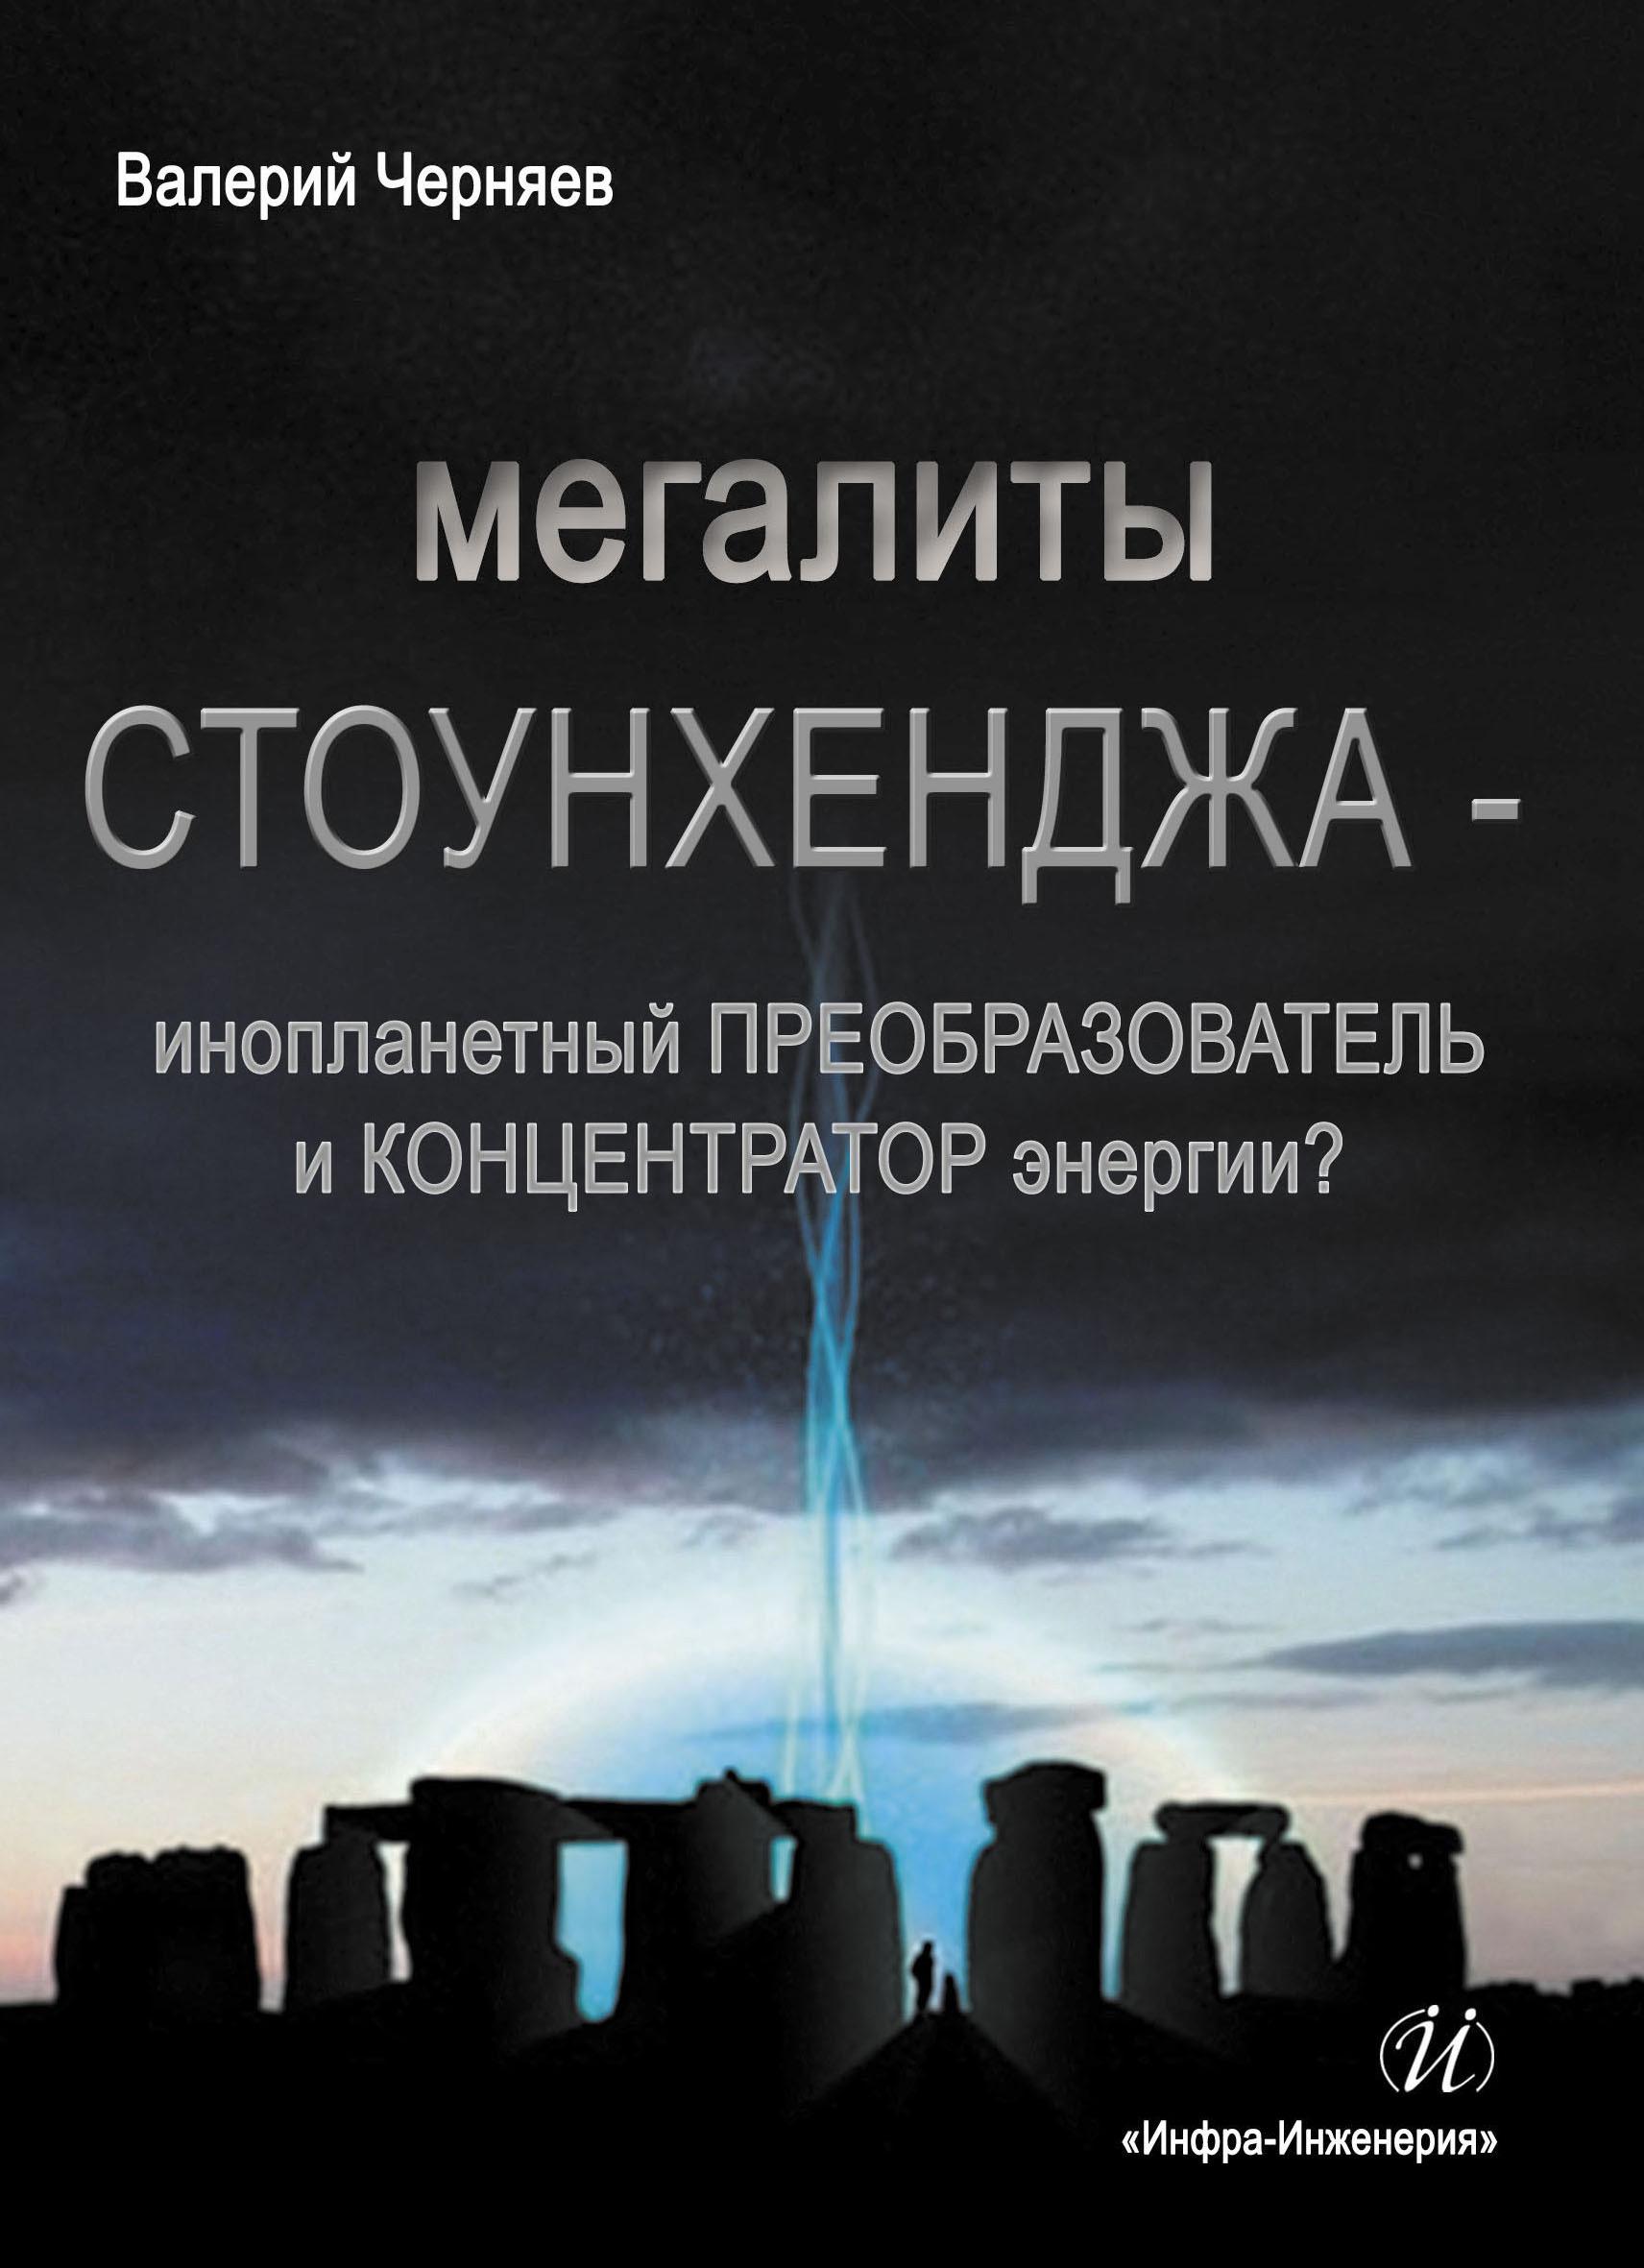 Мегалиты Стоунхенджа – инопланетный ПРЕОБРАЗОВАТЕЛЬ и КОНЦЕНТРАТОР Энергии?